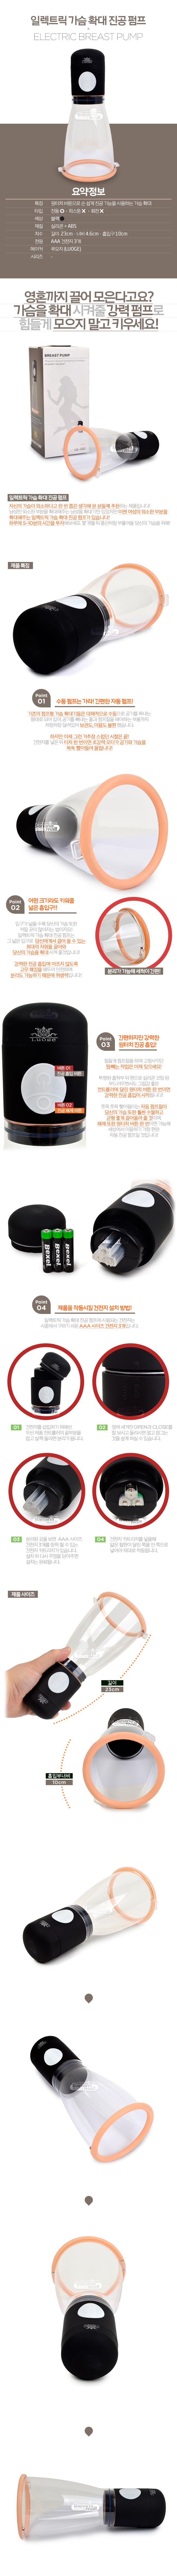 [가슴 펌핑 확대] 일렉트릭 가슴 확대 진공 펌프(Breast Pump) - LG-102